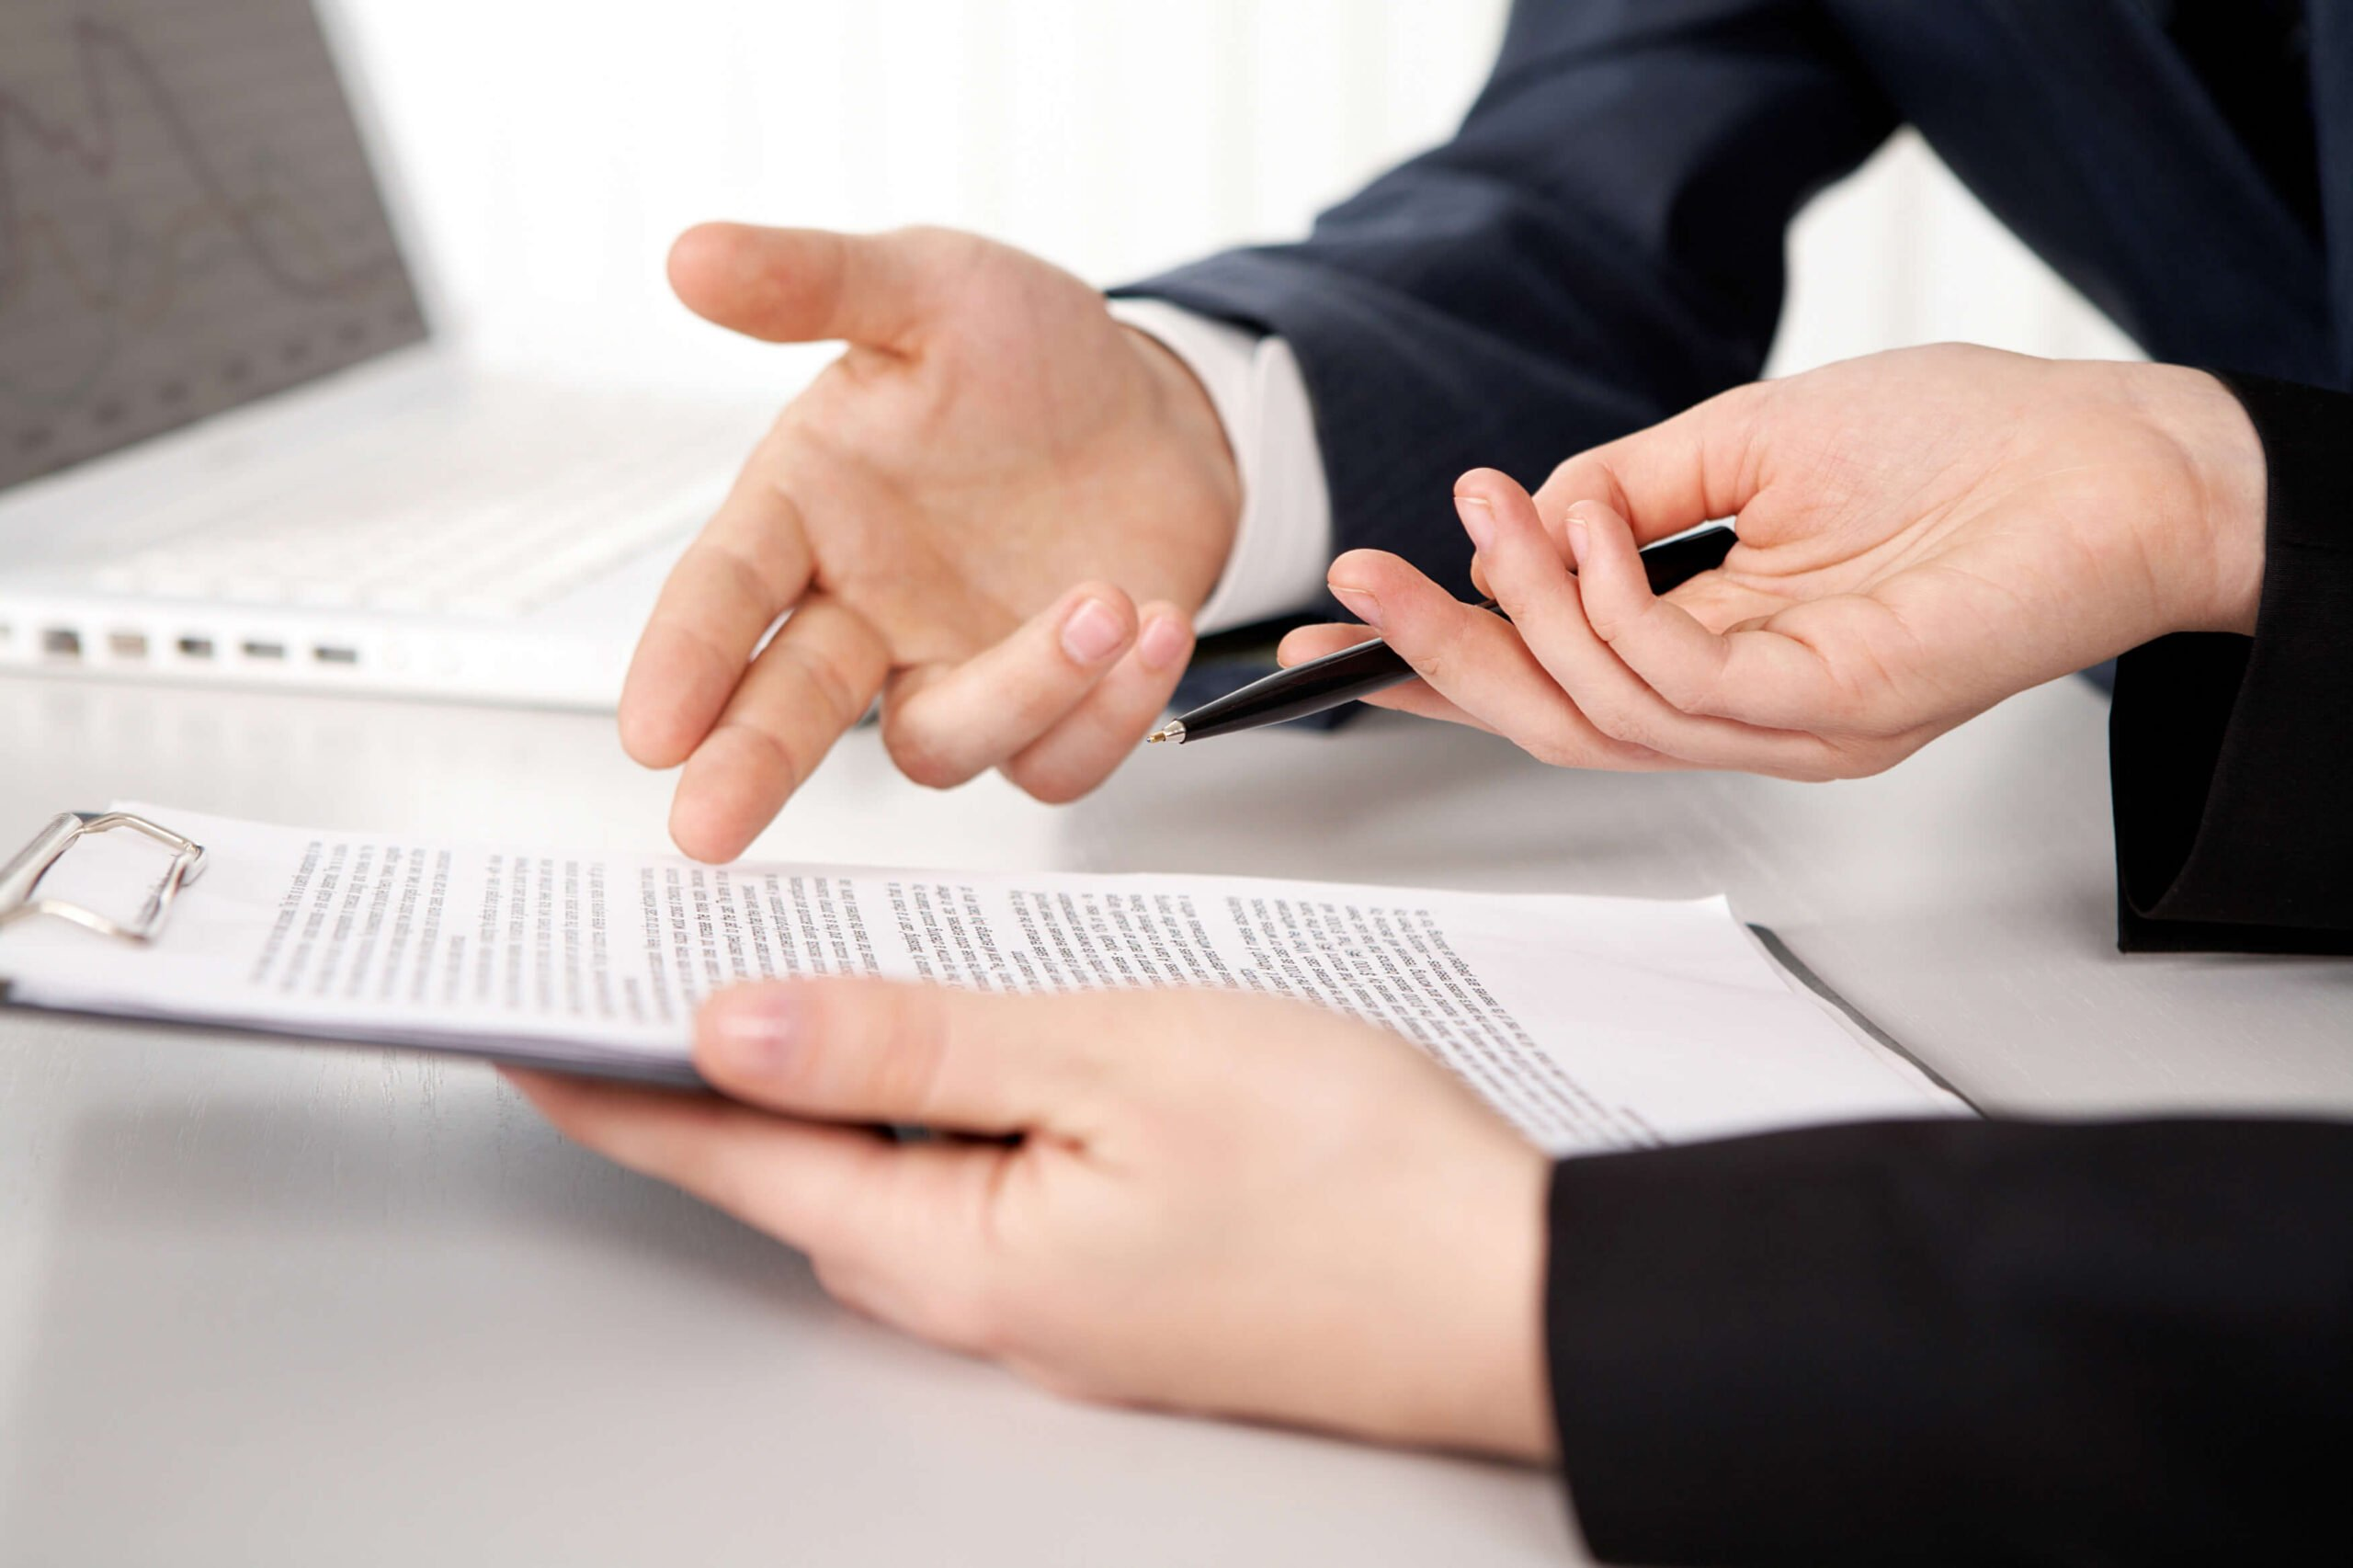 AÇÃO ARTIFICIAL E REPETIDA:  Advogado é condenado a pagar multa, solidariamente, por litigância de má-fé